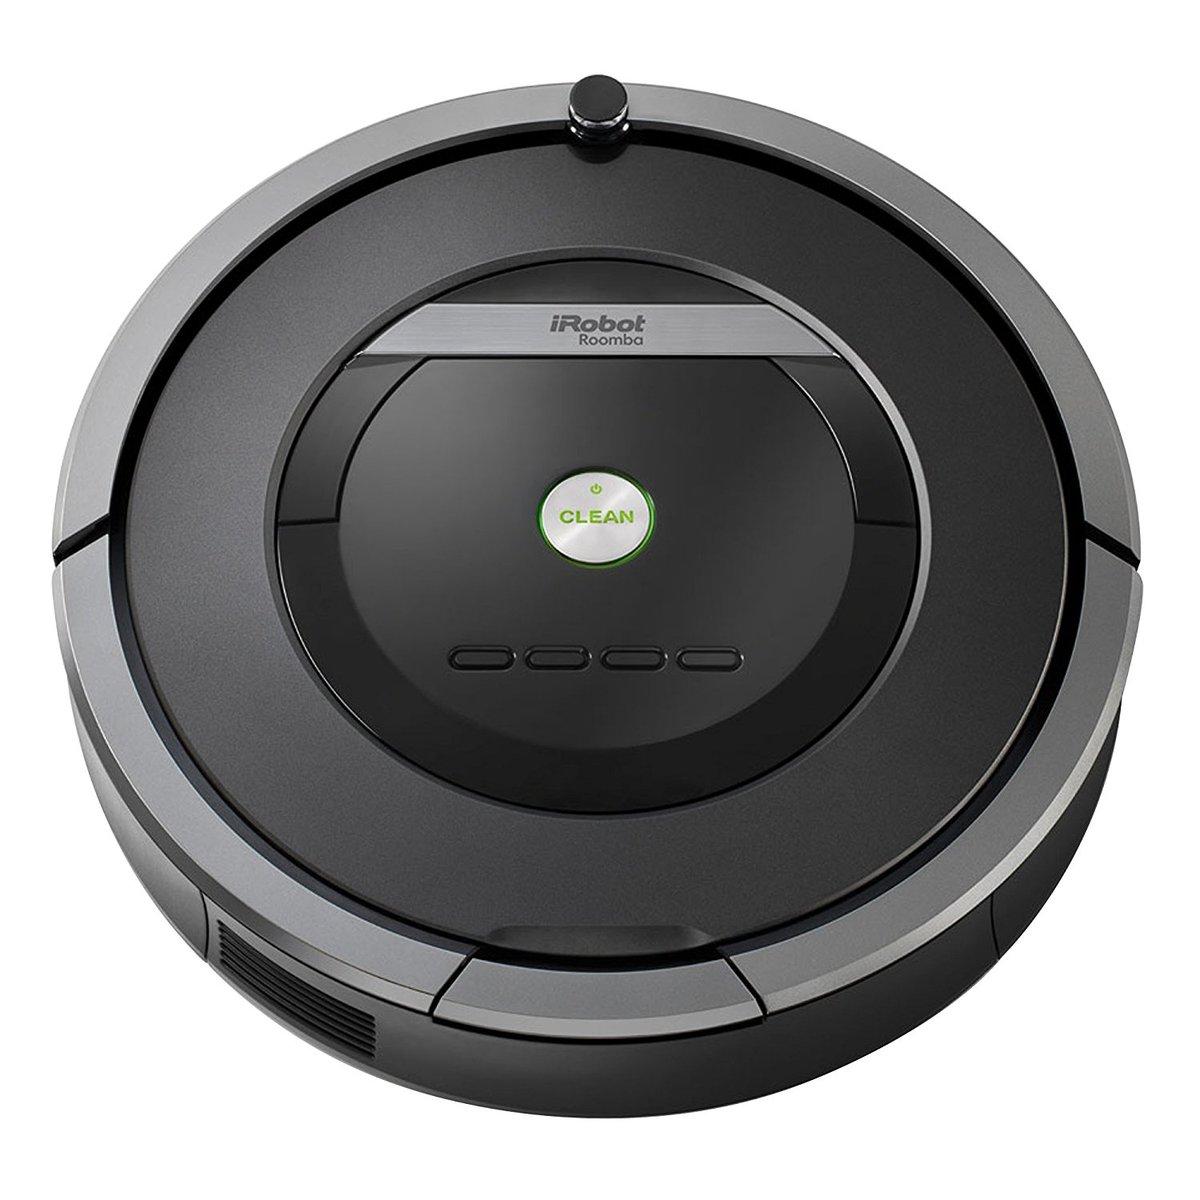 【送料無料 新品】アイロボット ロボット掃除機 ルンバ870【国内仕様正規品】R870060